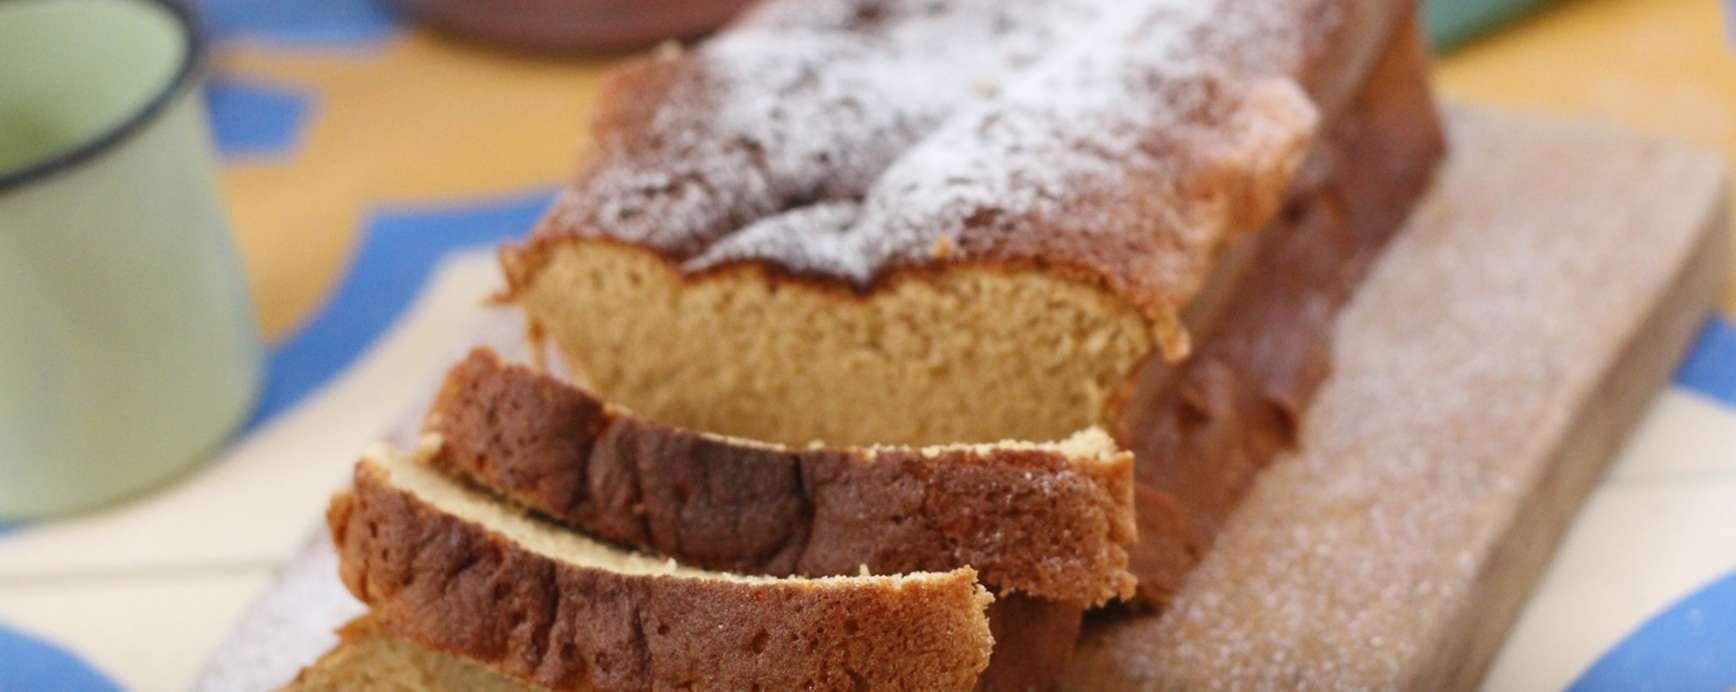 baked Sago Cake